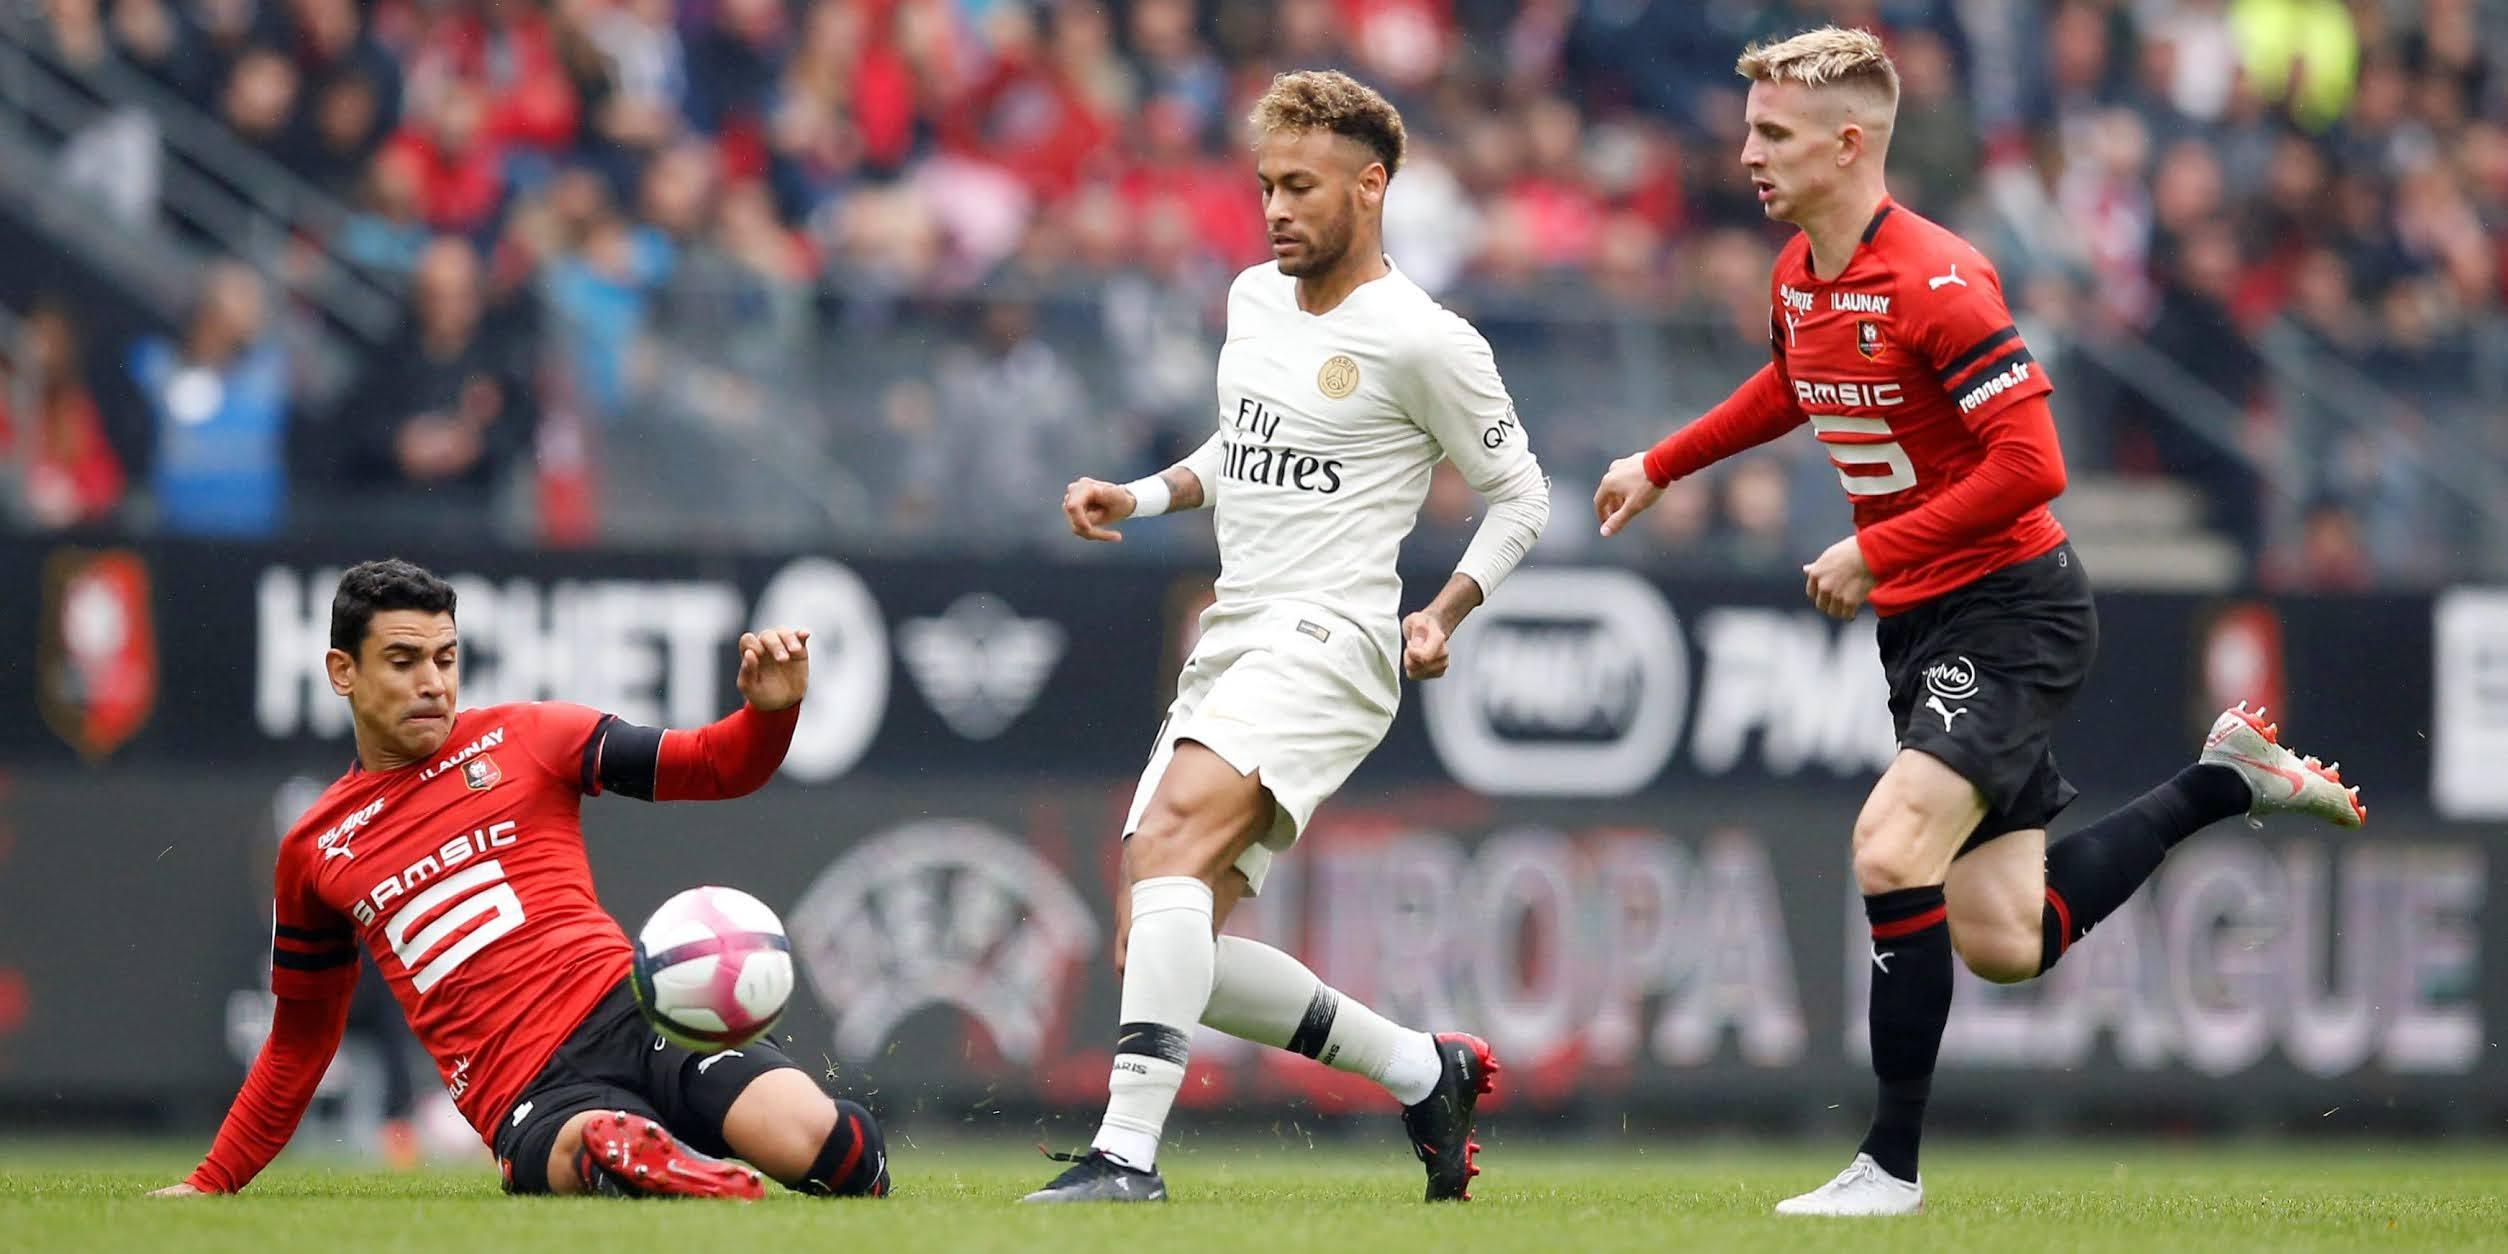 دليلك الشامل لمباراة باريس سان جيرمان وستاد رين في الجولة 36 من الدوري الفرنسي